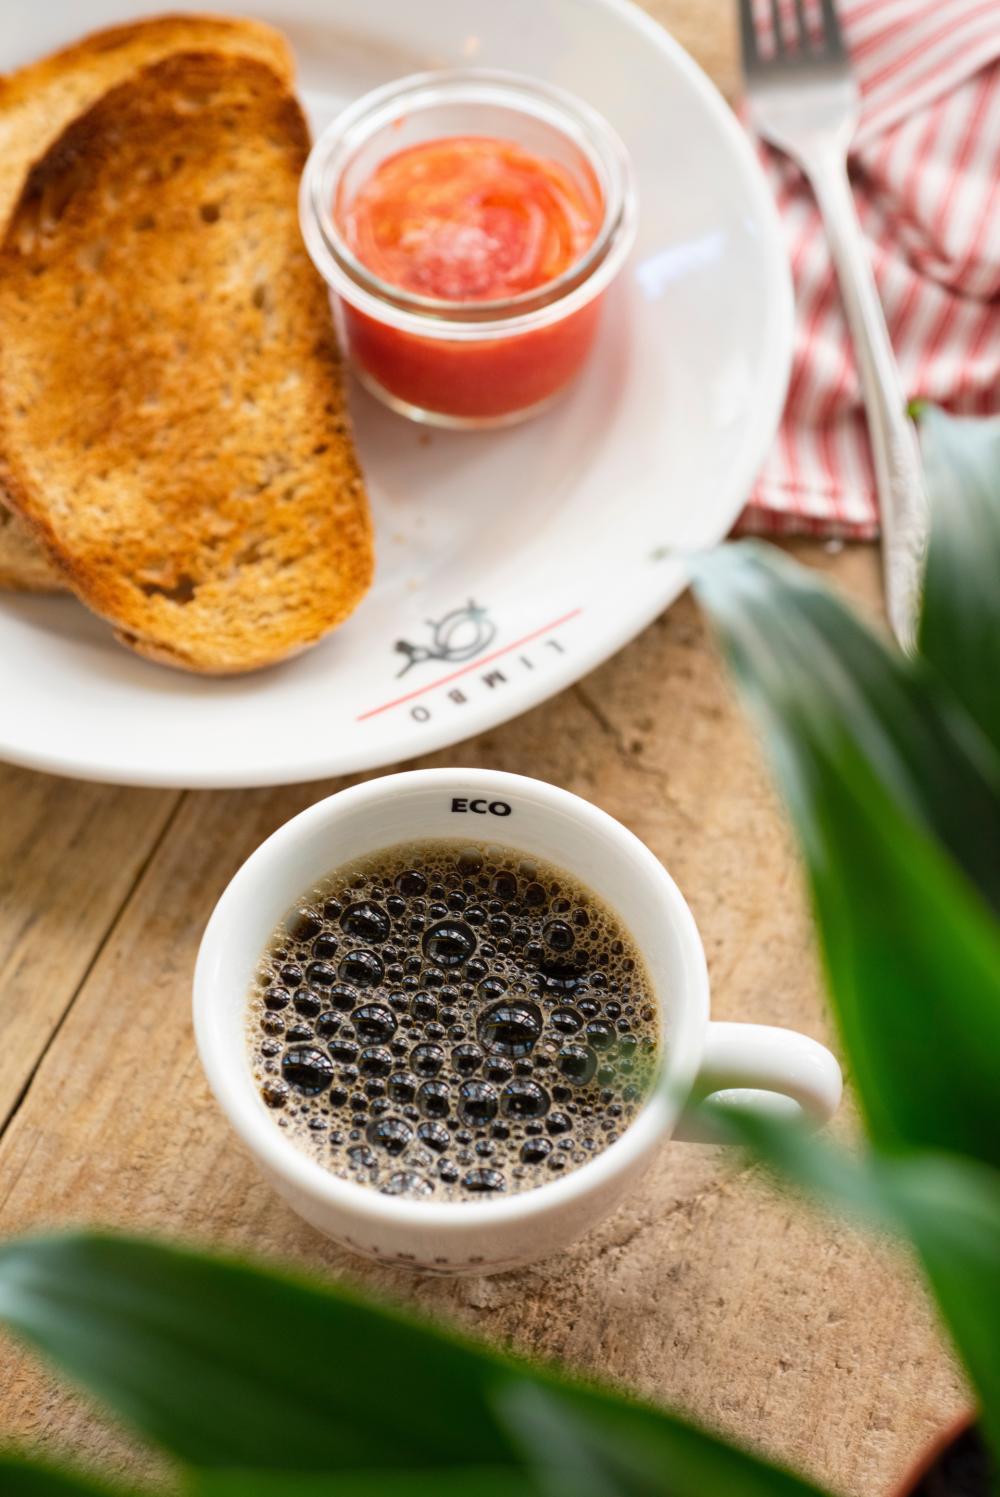 Kaffee/Tee mit Toast/Croissant (3€)